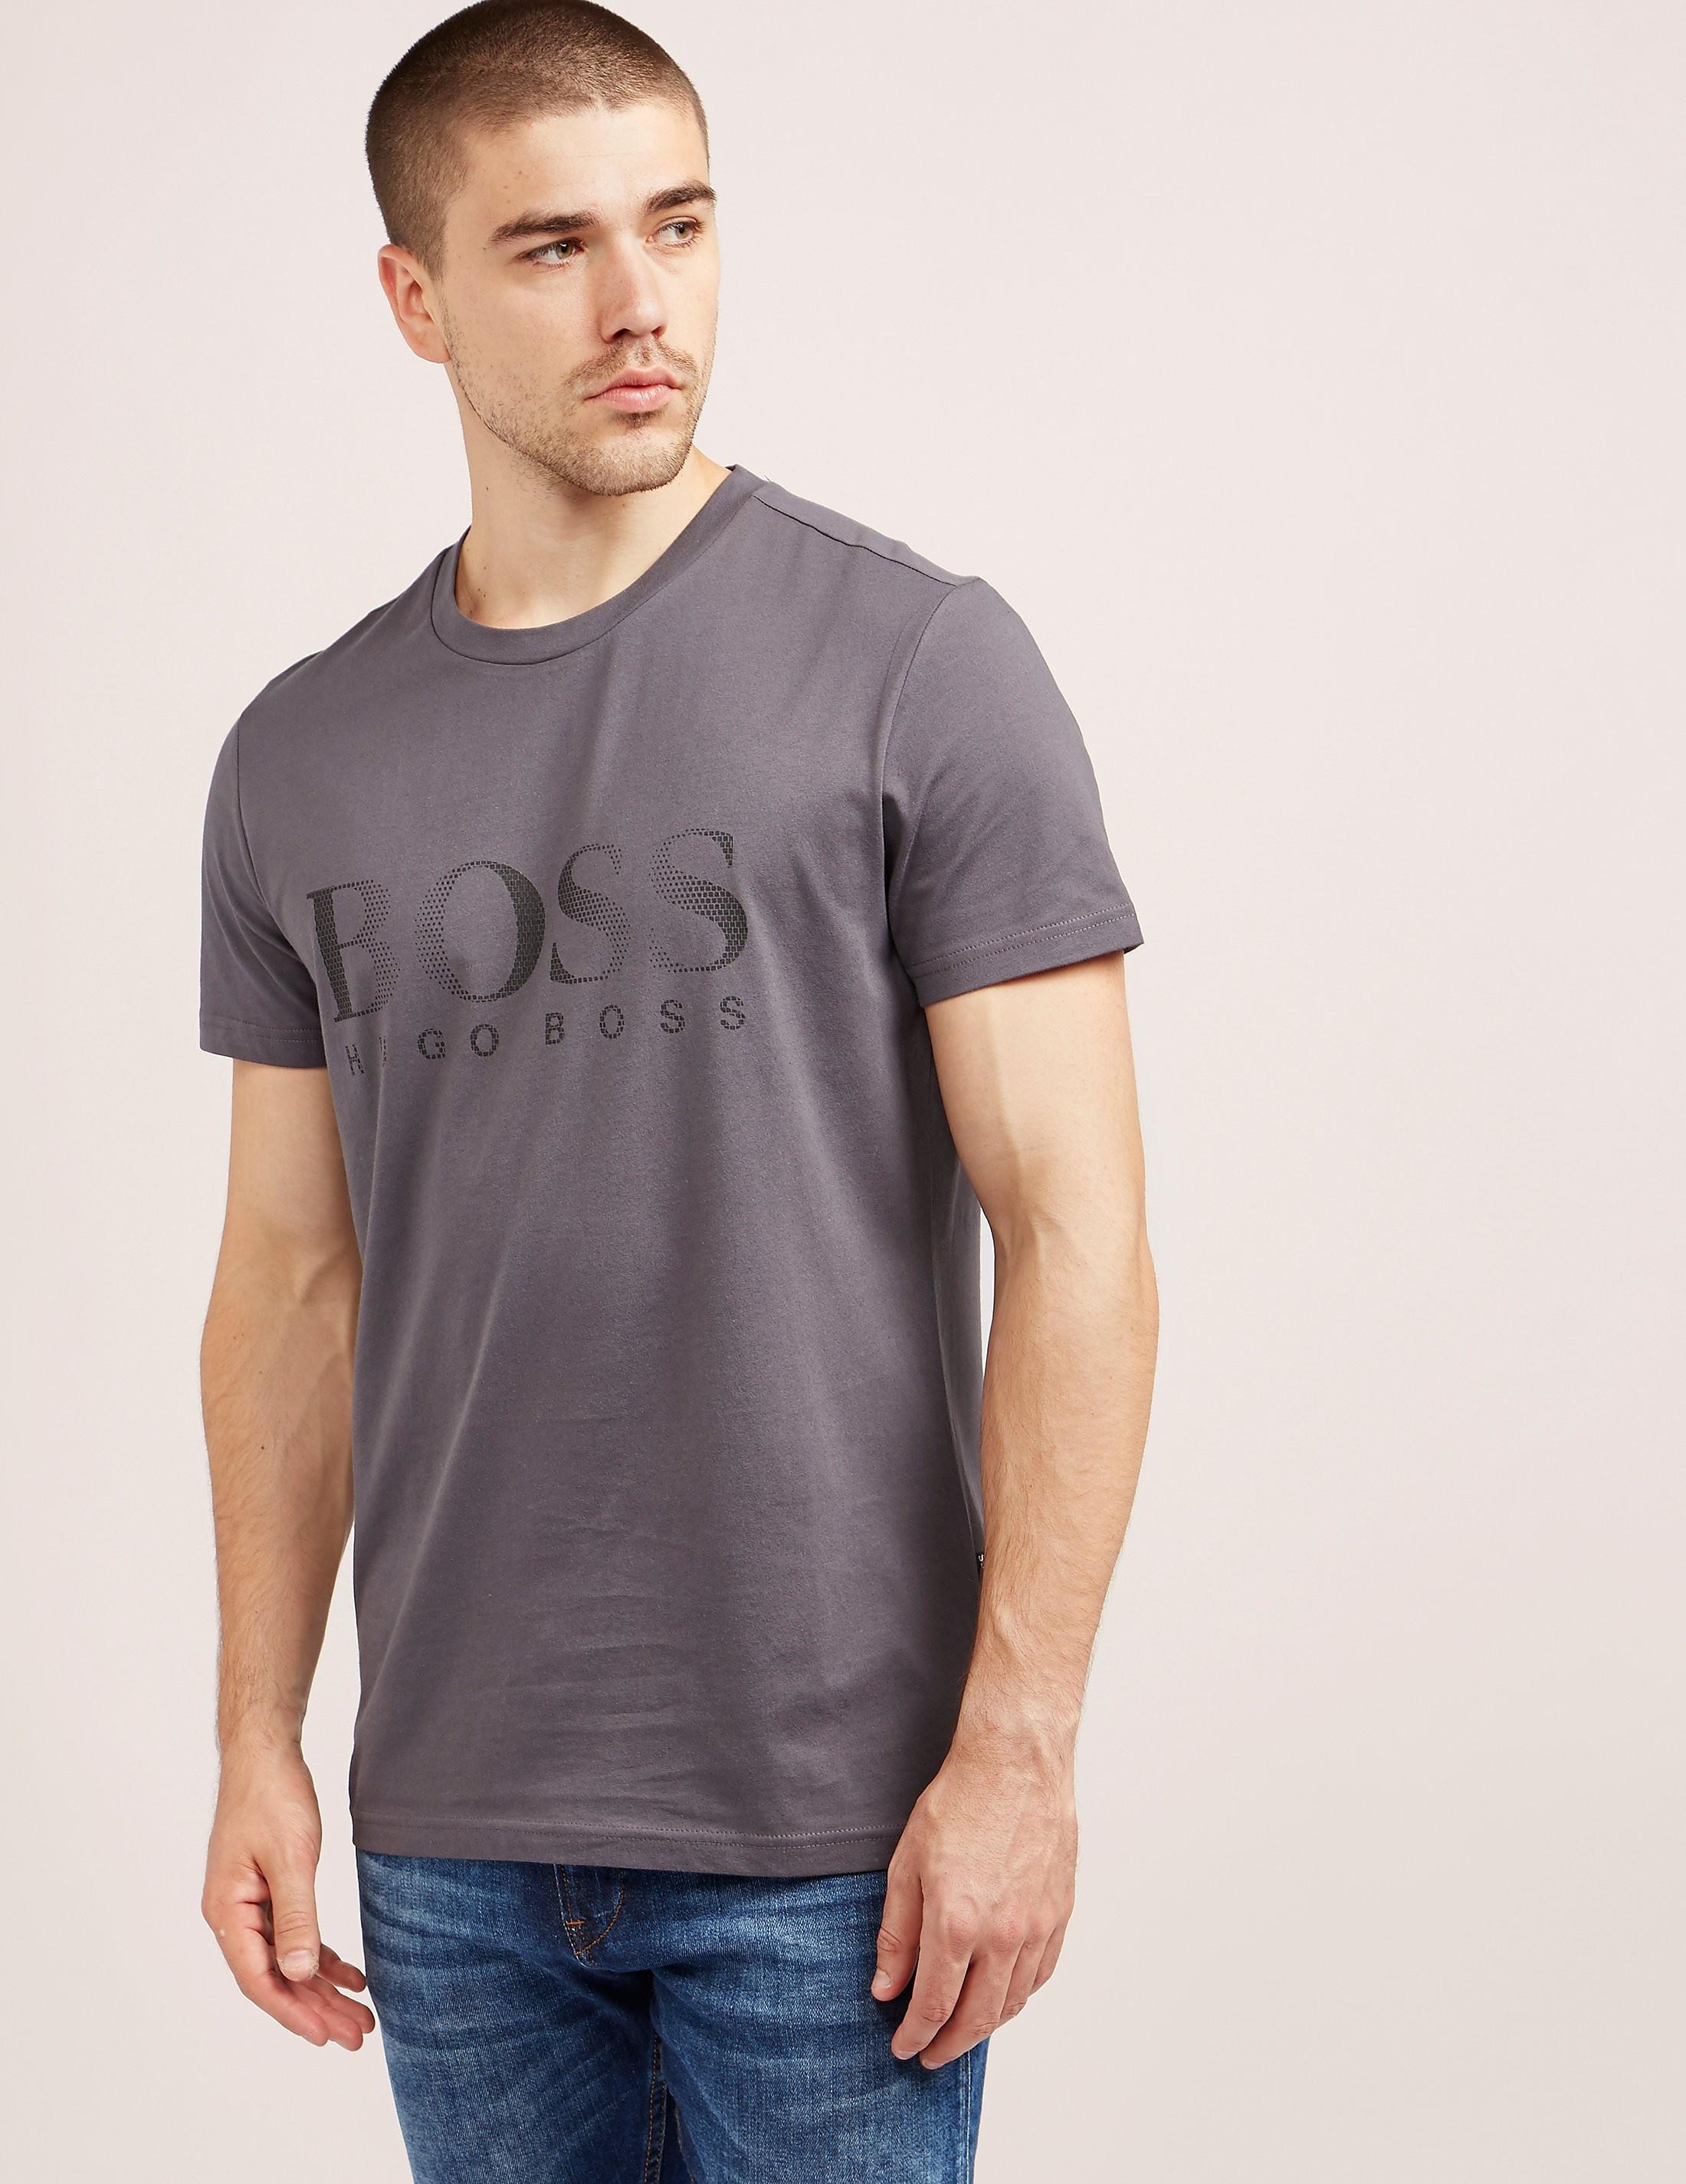 BOSS Logo Short Sleeve T-Shirt - Exclusive